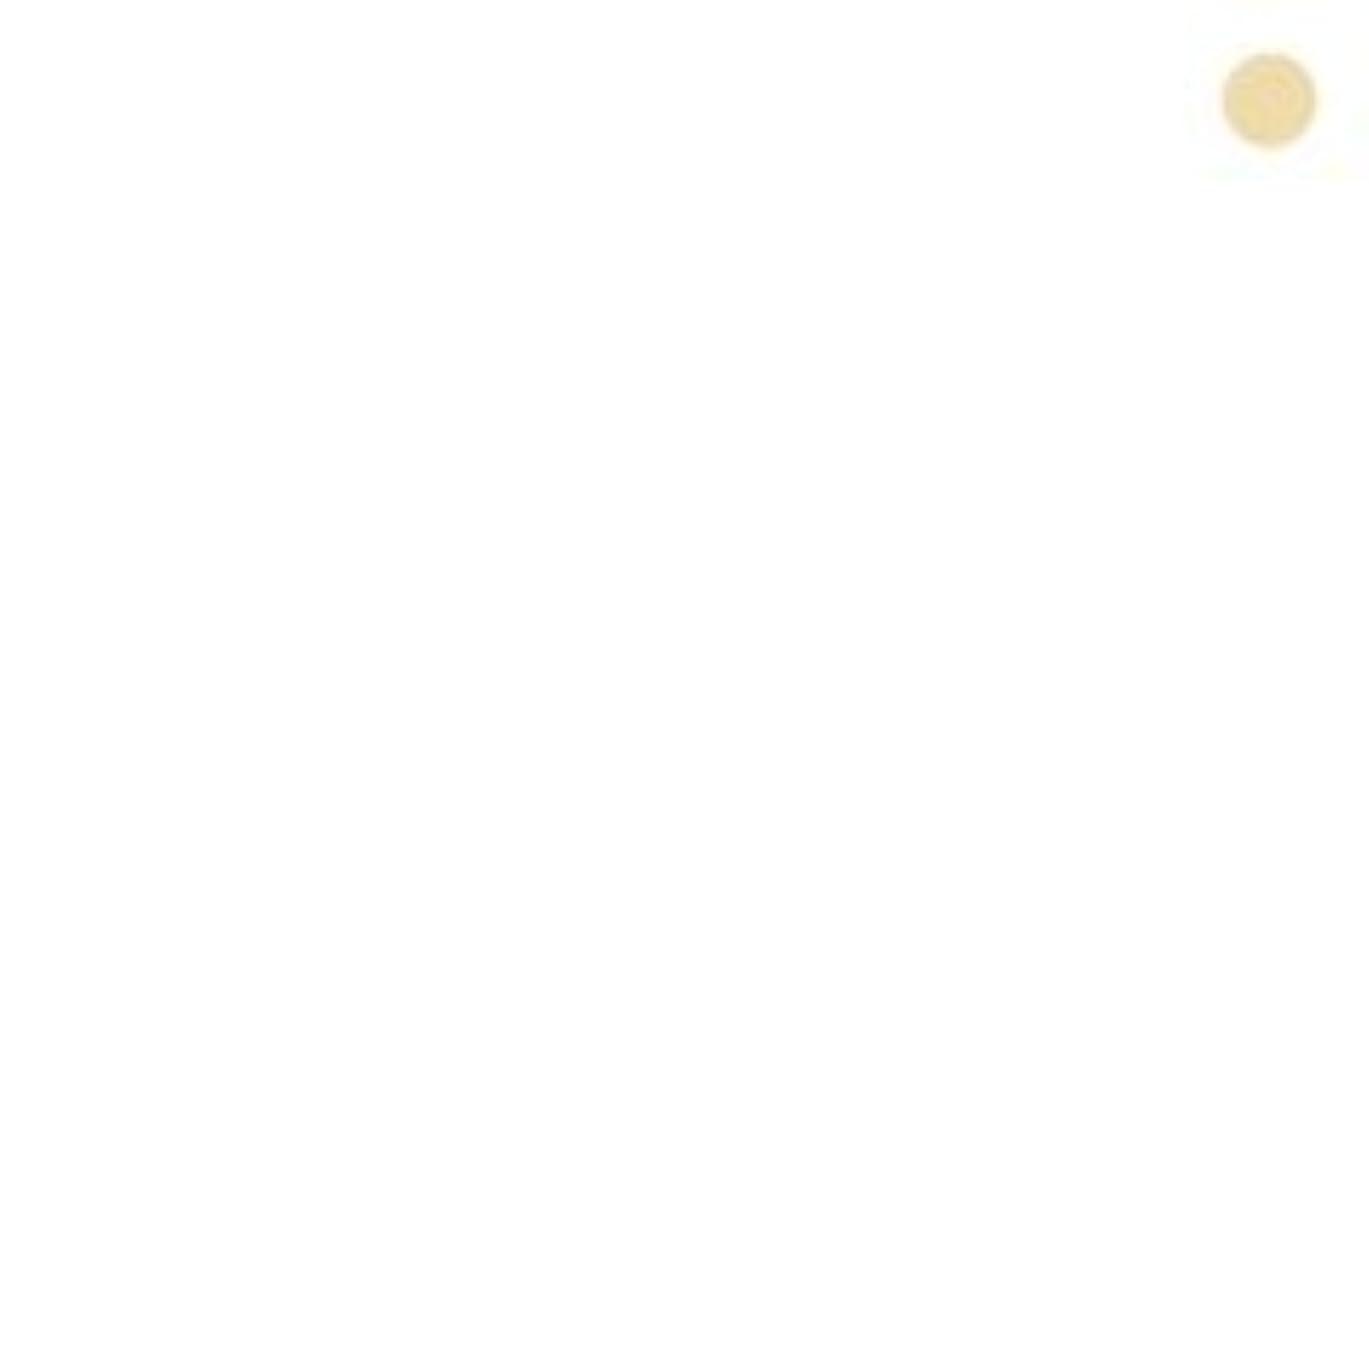 虚栄心噴水極めて重要な【カバーマーク】ジャスミーカラー パウダリーファンデーション #BN20 (レフィル)